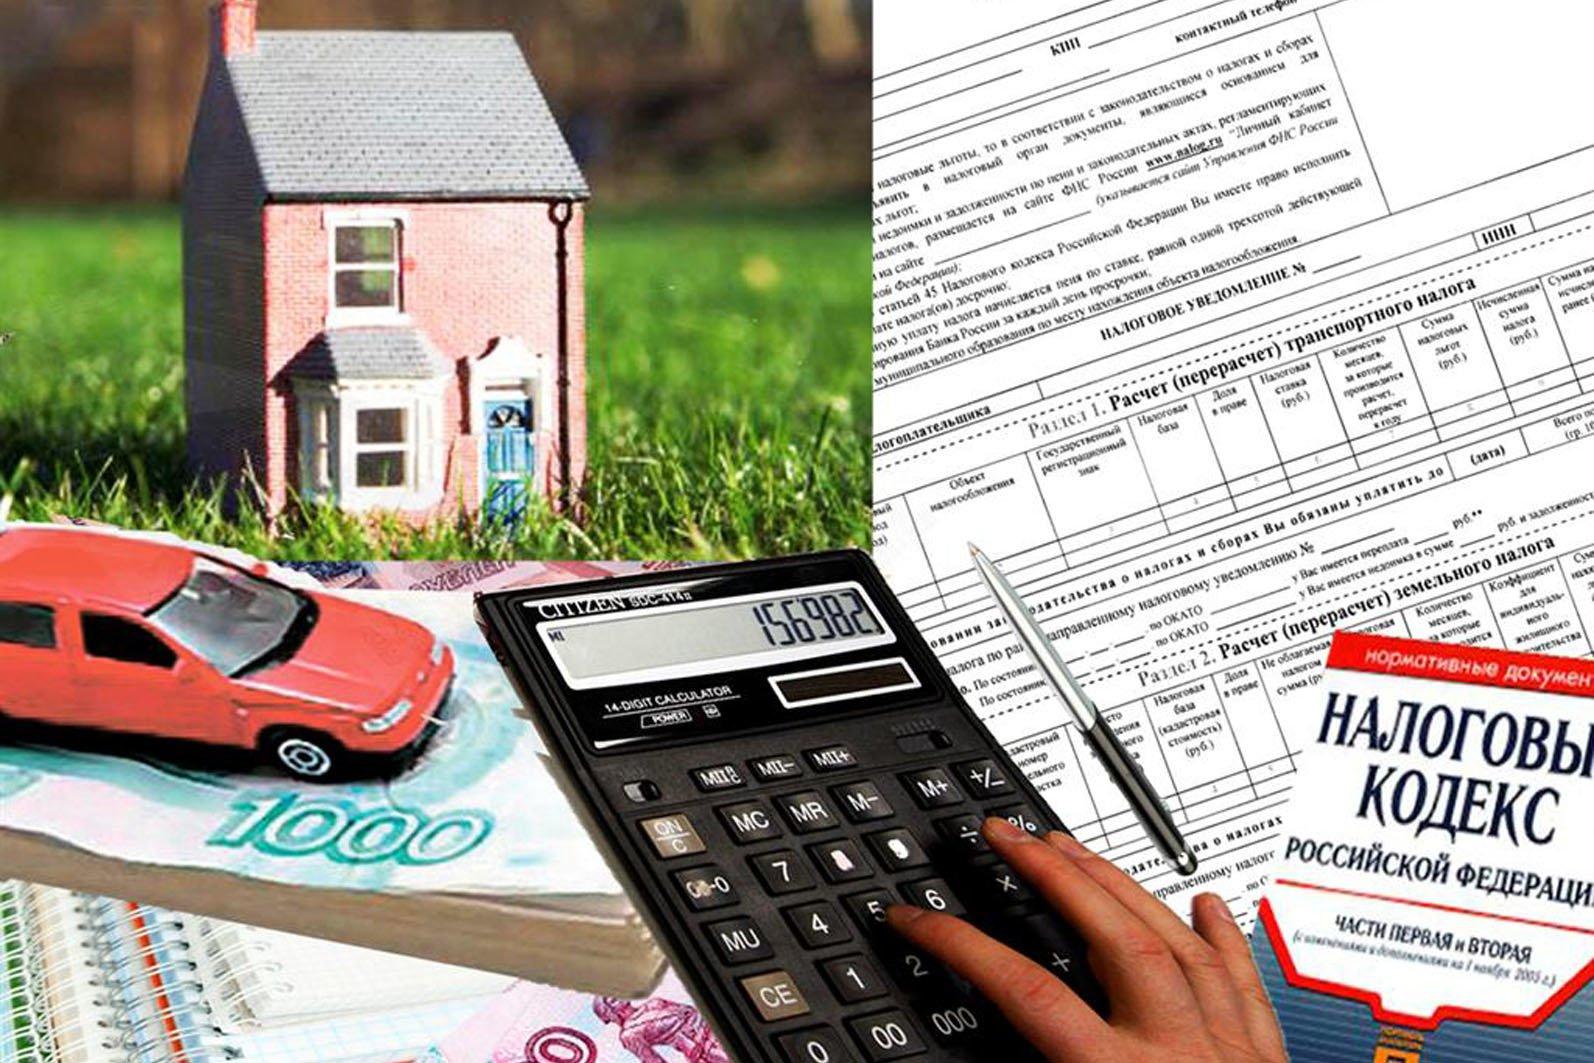 Транспортный налог для физических лиц: размер, сроки уплаты